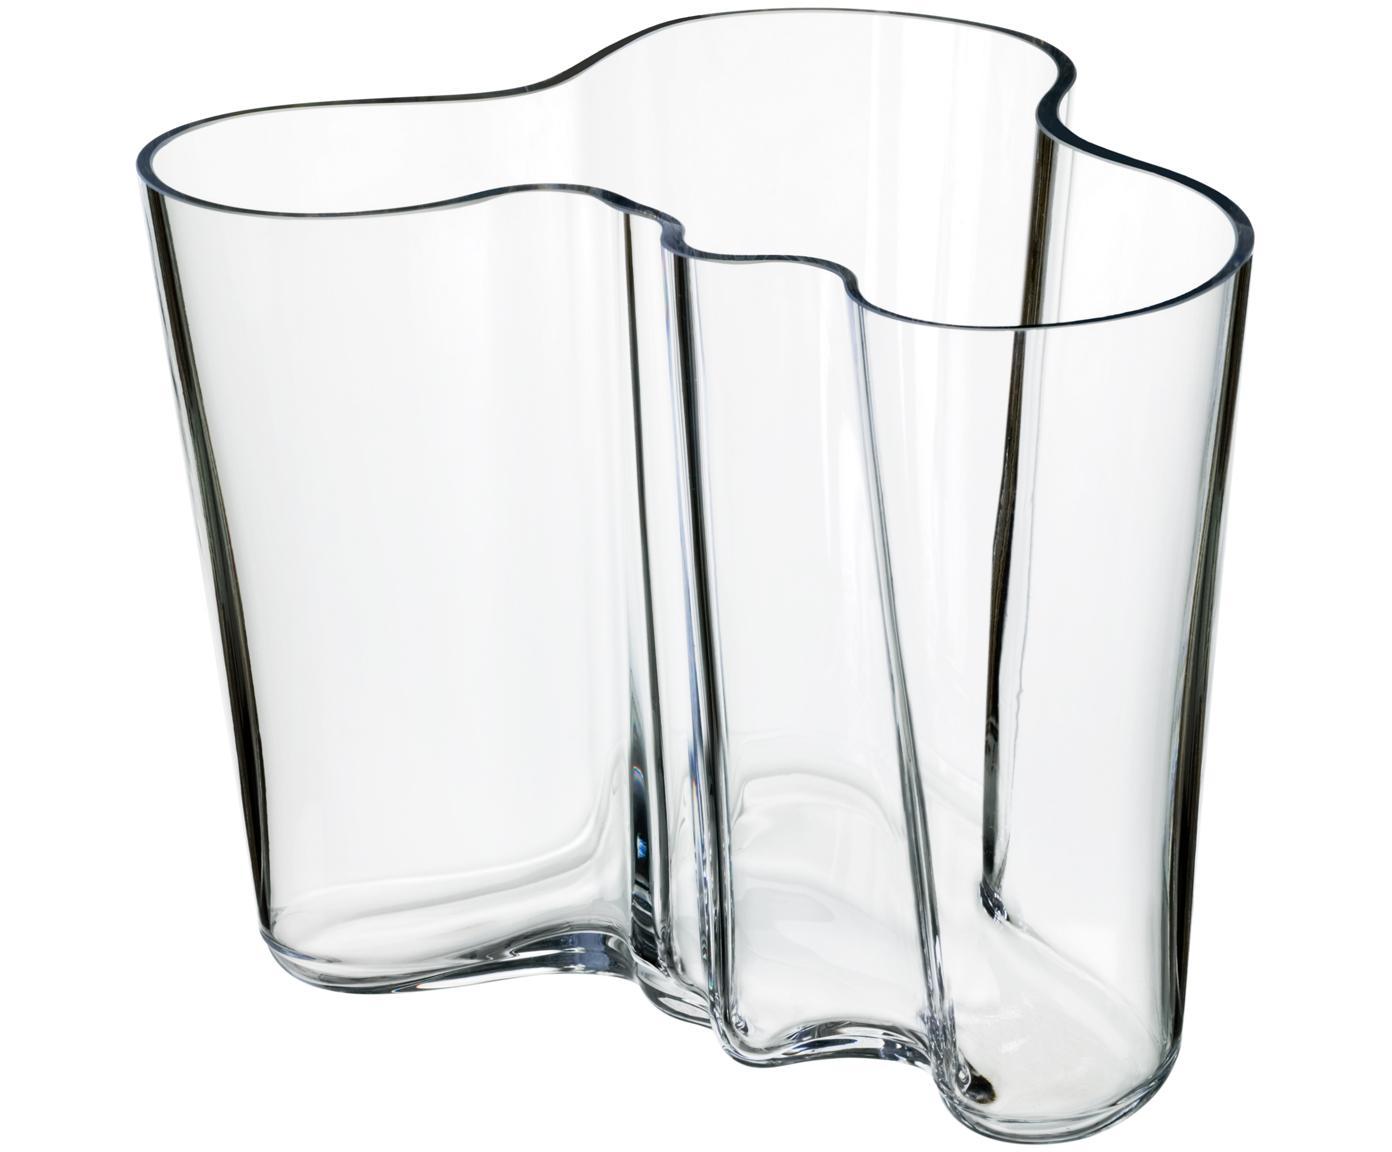 Wazon Alvar Aalto, Szkło, Transparentny, W 16 cm